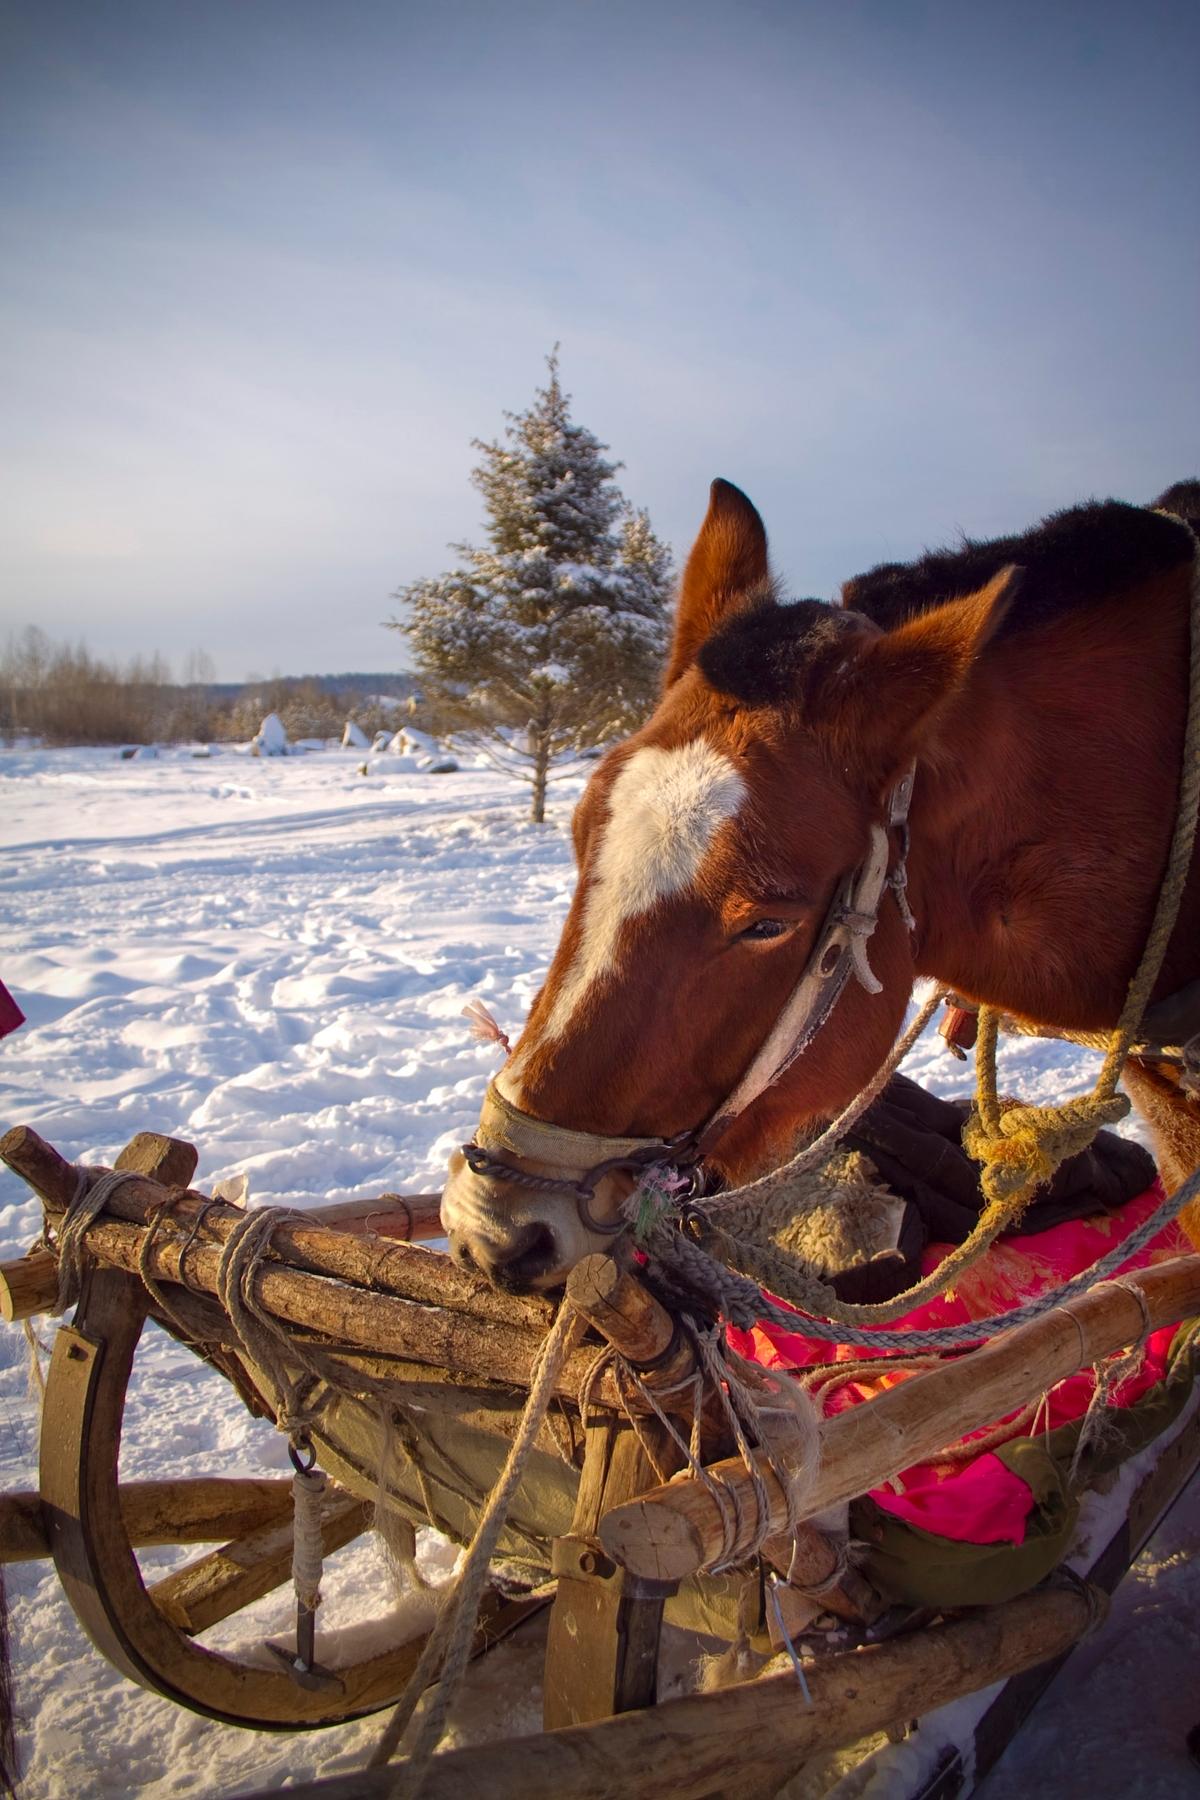 Άλογο στα χιόνια στο Χαρμπίν της Κίνας - οι καλύτεροι χειμερινοί προορισμοί στο εξωτερικό